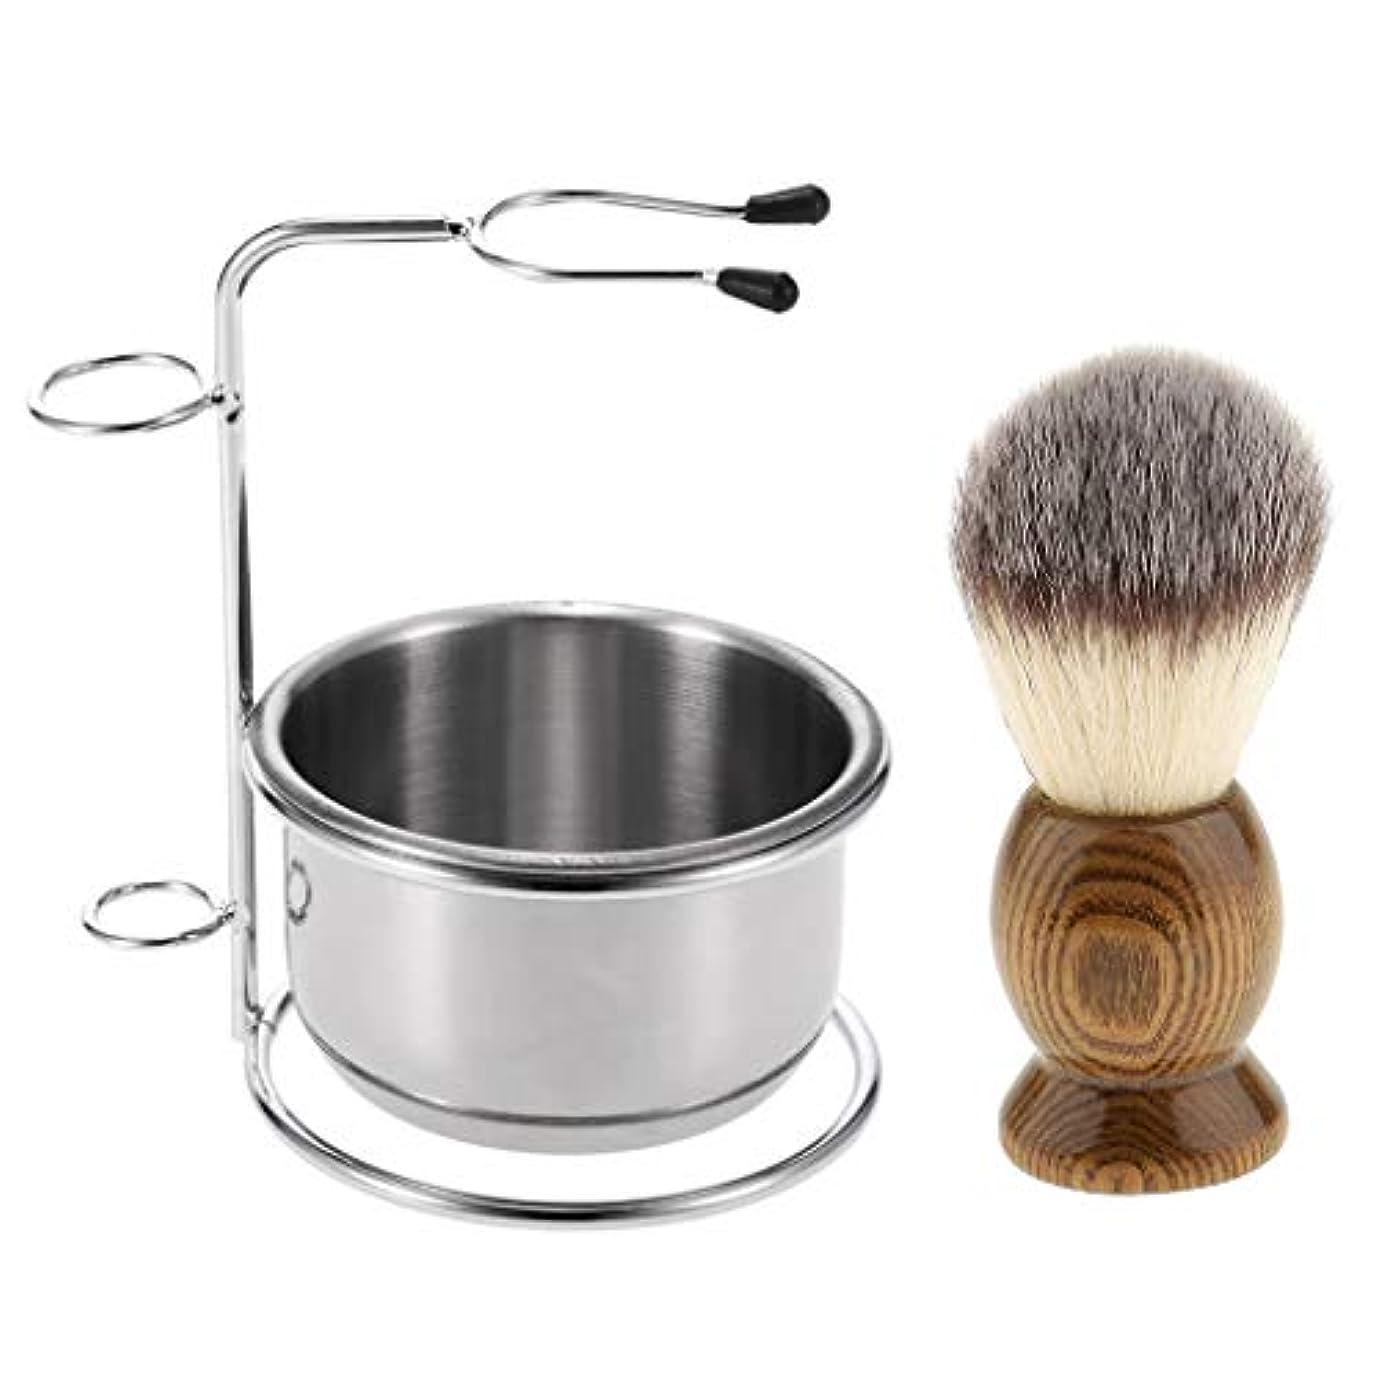 故意の夜明け不機嫌Hellery 金属製ボウル シェービングブラシ ブラシホルダー サロン 髭剃り シェービングキット 美容室ツール